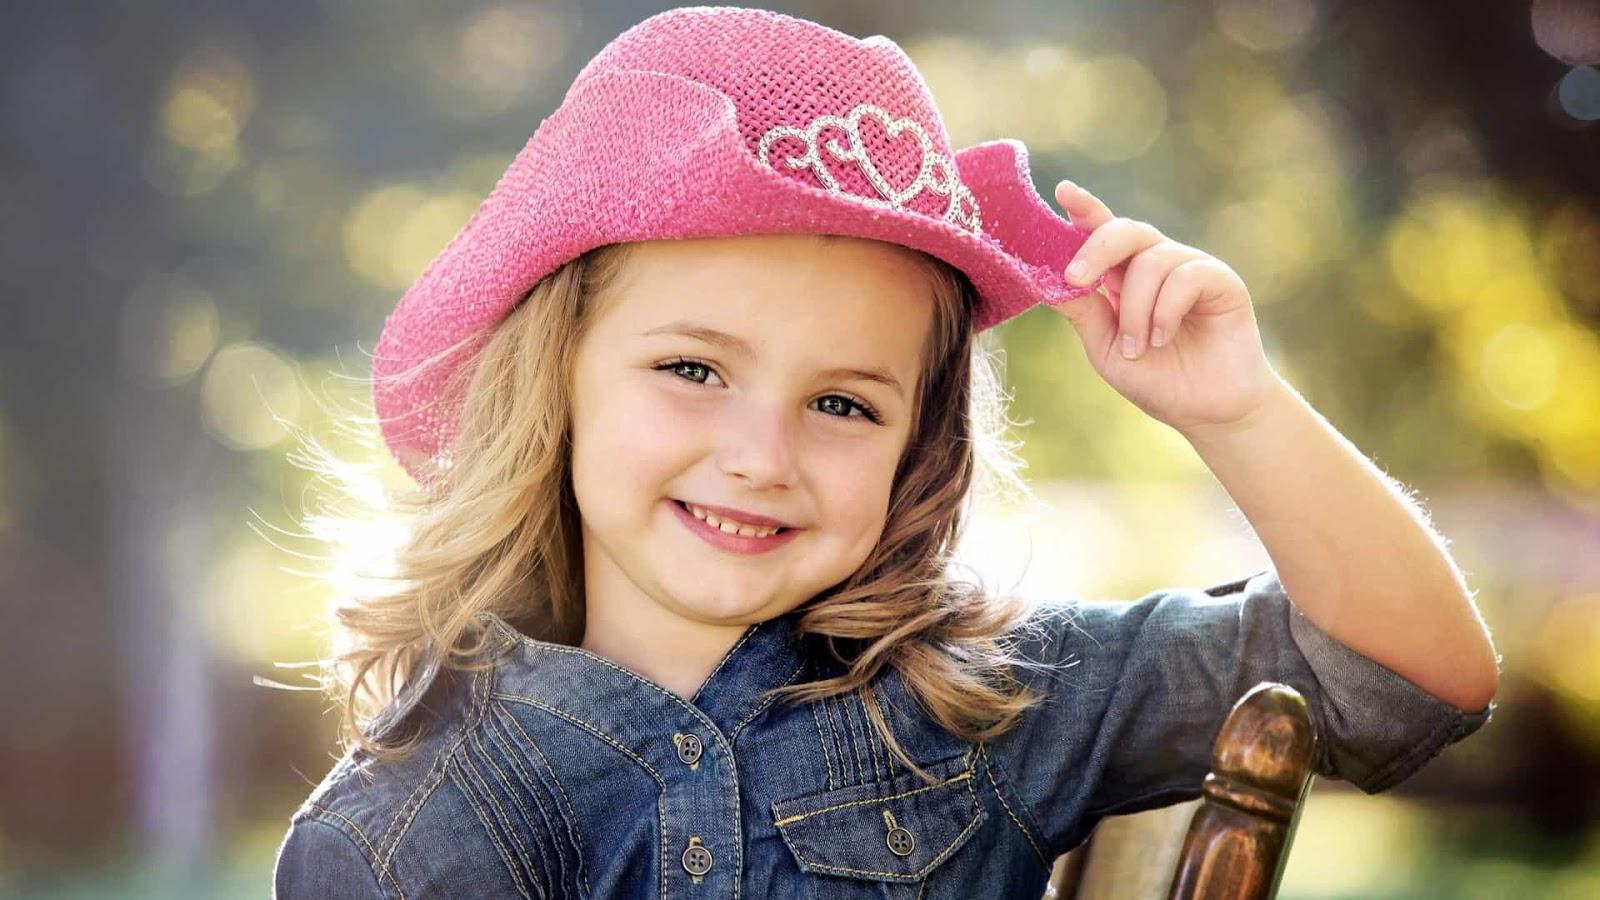 10 صور اطفال لطيفة